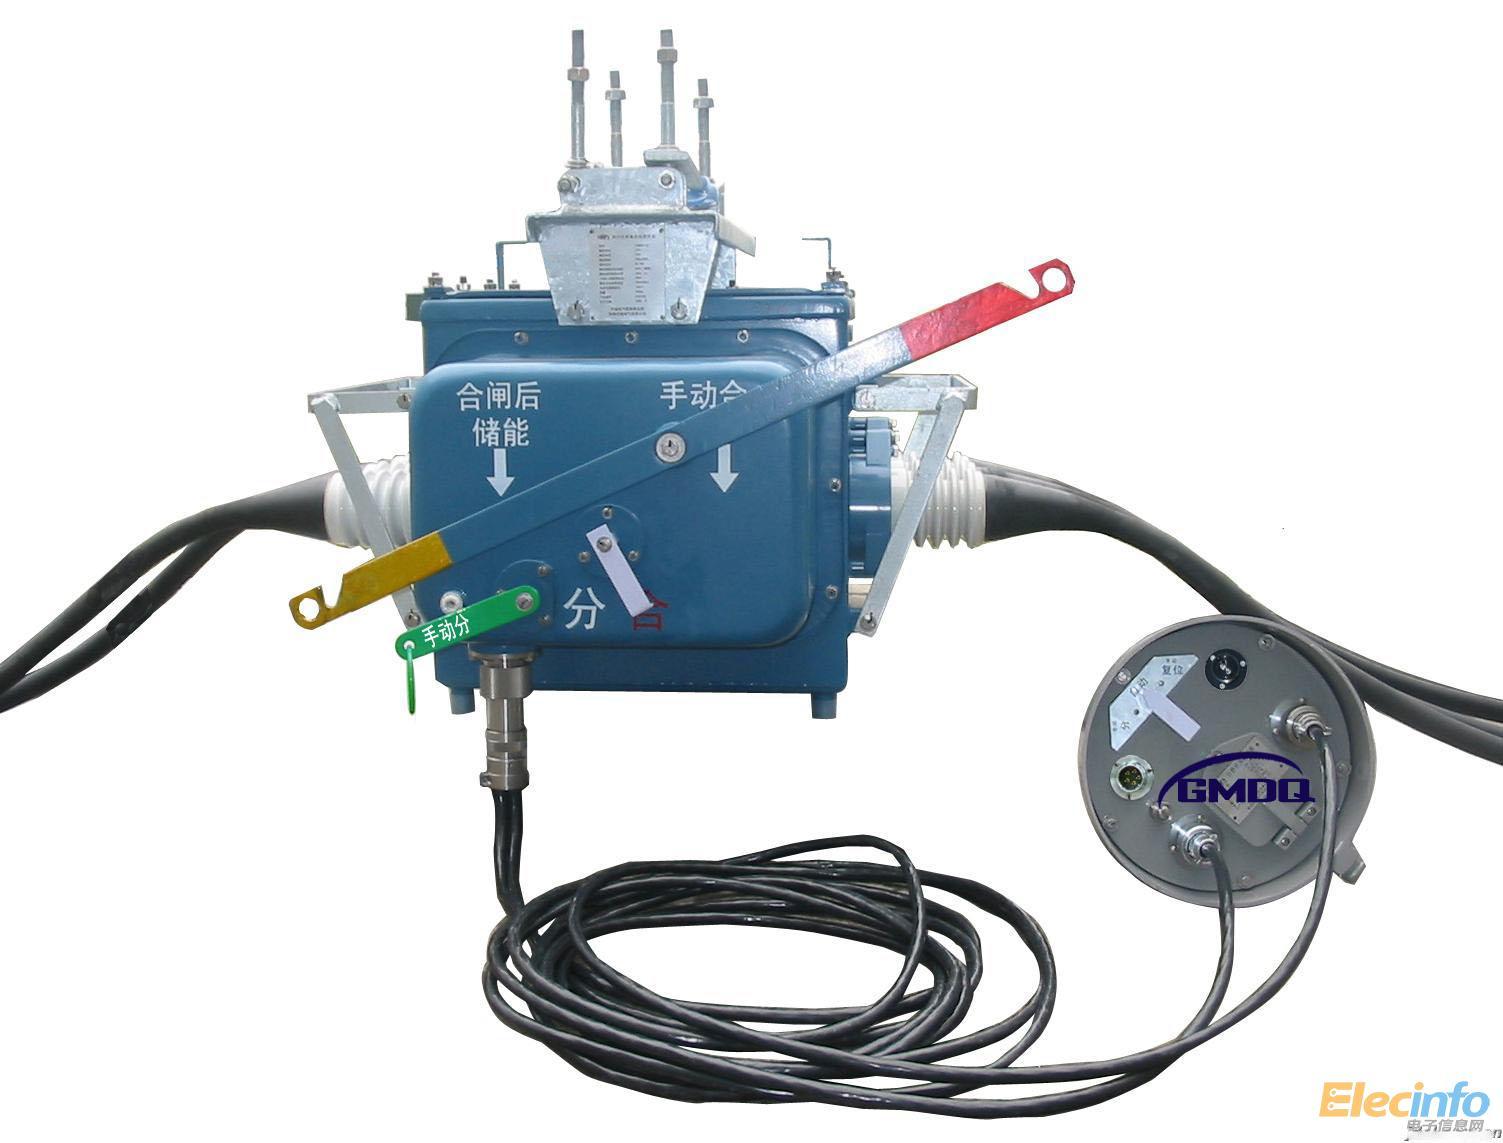 一、FZW28-12F产品介绍: 乐清市国铭智能开关厂是目前国内主要的专业从事生产高压真空断路器和电气设备的厂家之一。 公司通过引进先进的工艺技术和设备,专业生产高压电气系列产品,产品有高压真空断路器、(智能)永磁真空断路器、分界开关、(真空)负荷开关、隔离开关、接地开关、高压熔断器、避雷器、六氟化硫断路器等。 FZW28F-12型户外分界真空负荷开关使用于柱上安装的场合,具有手动和电动操作功能。开关本体采用引进日本东芝公司VSP5-12型免维护负荷开关,采用真空灭弧、SF6气体做绝缘介质。适用于变电站、